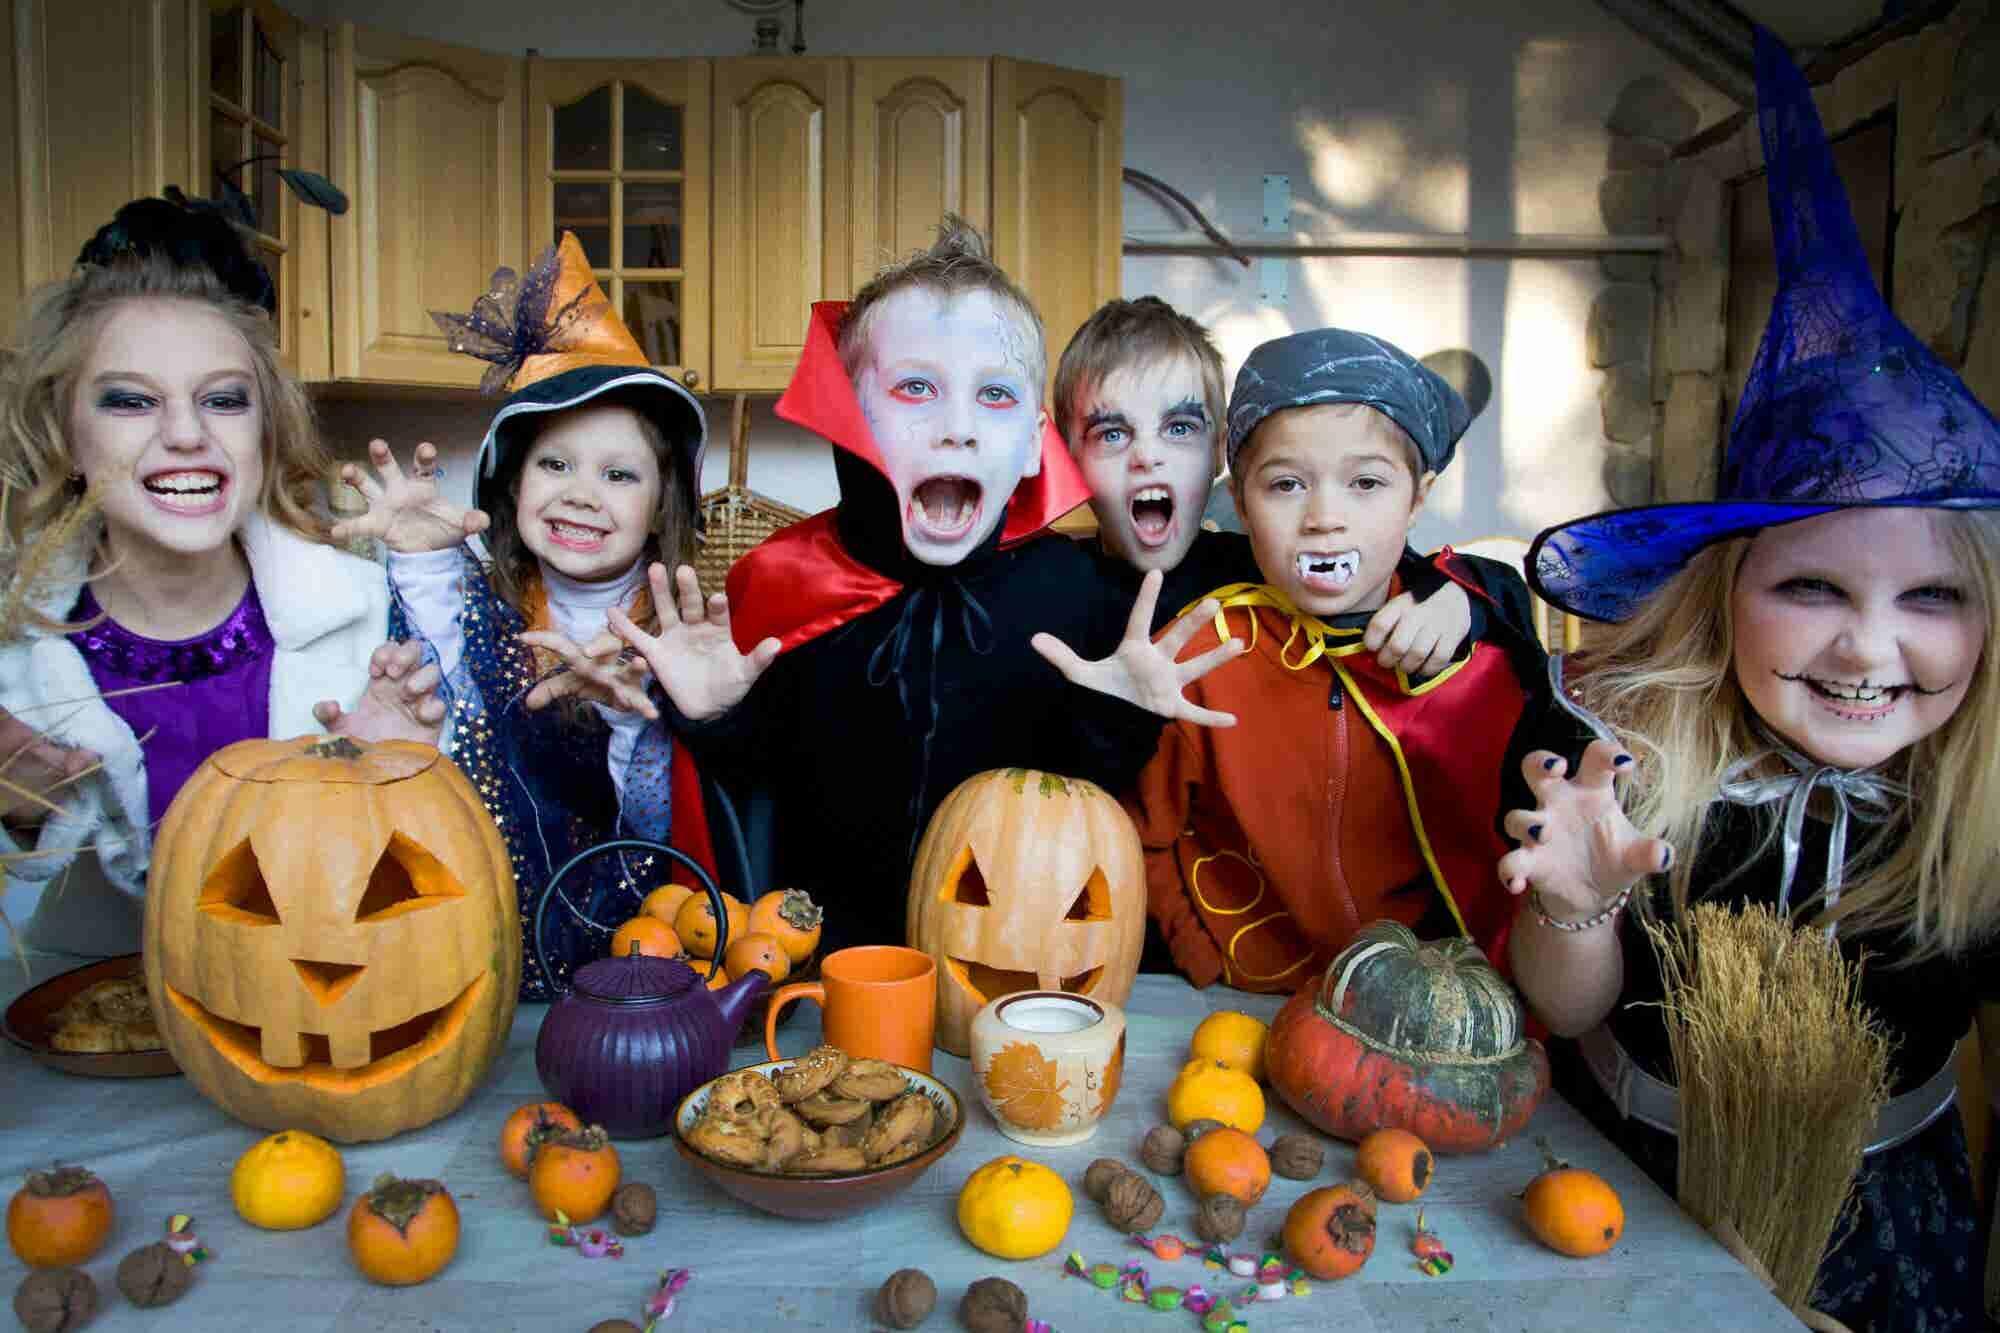 隆Idea de negocio para D铆a de Muertos y Halloween! Pon un servicio de disfraces infantiles